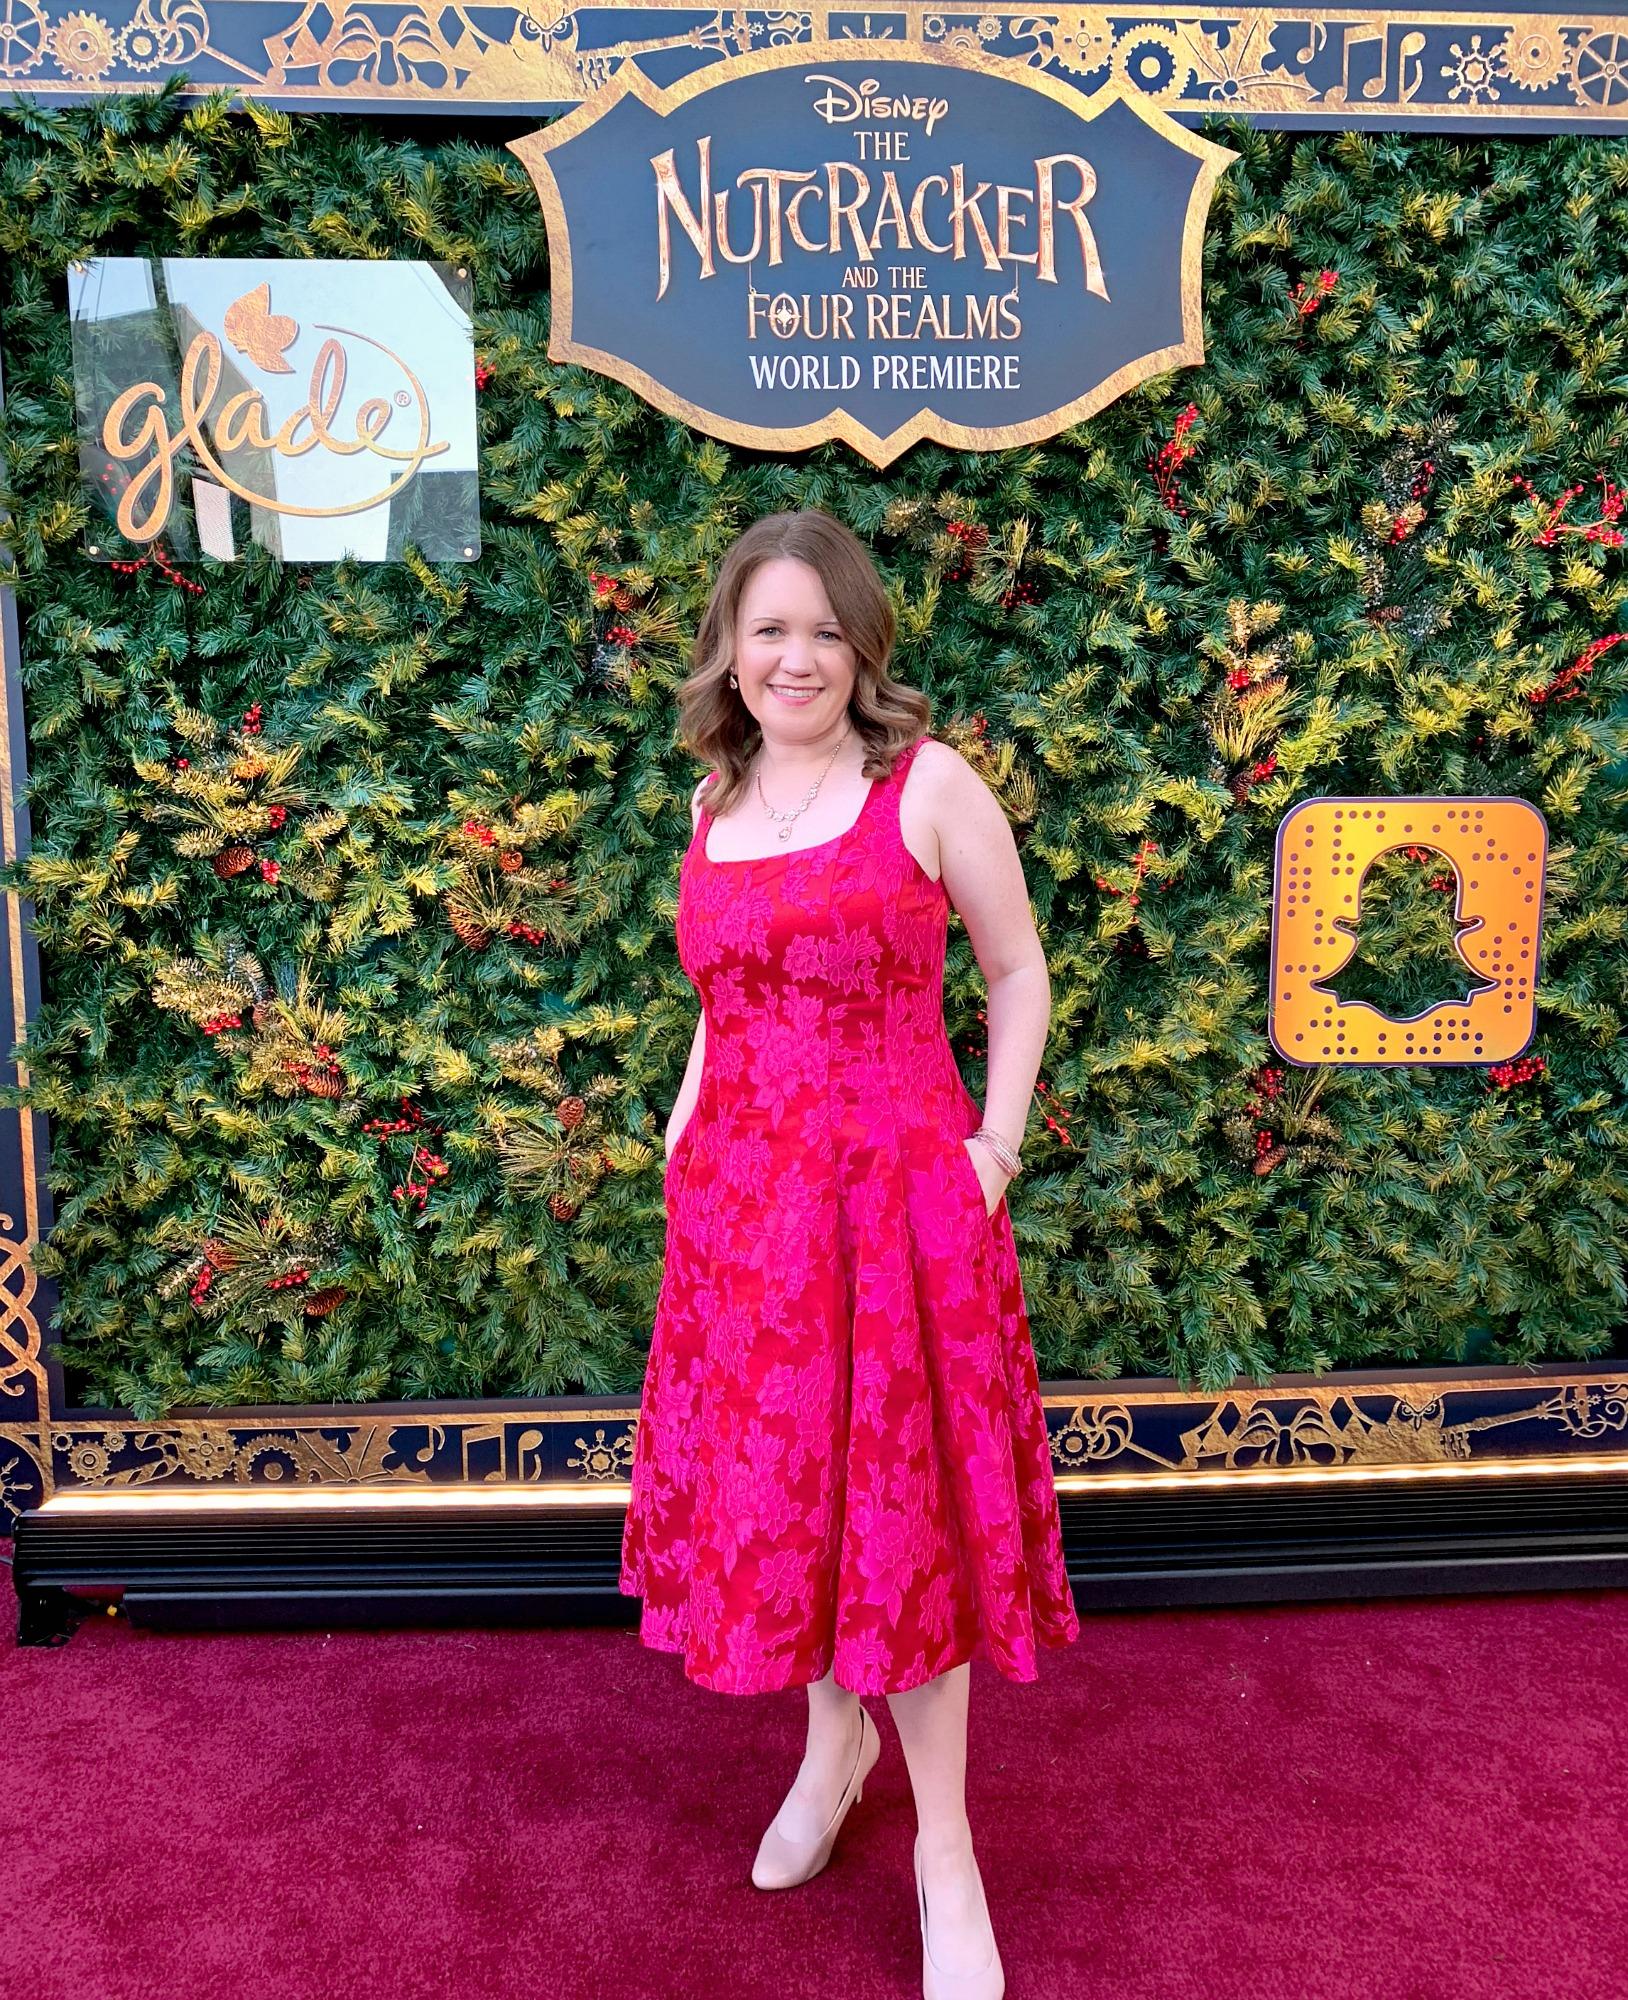 Dwan on Disney's Nutcracker Red Carpet